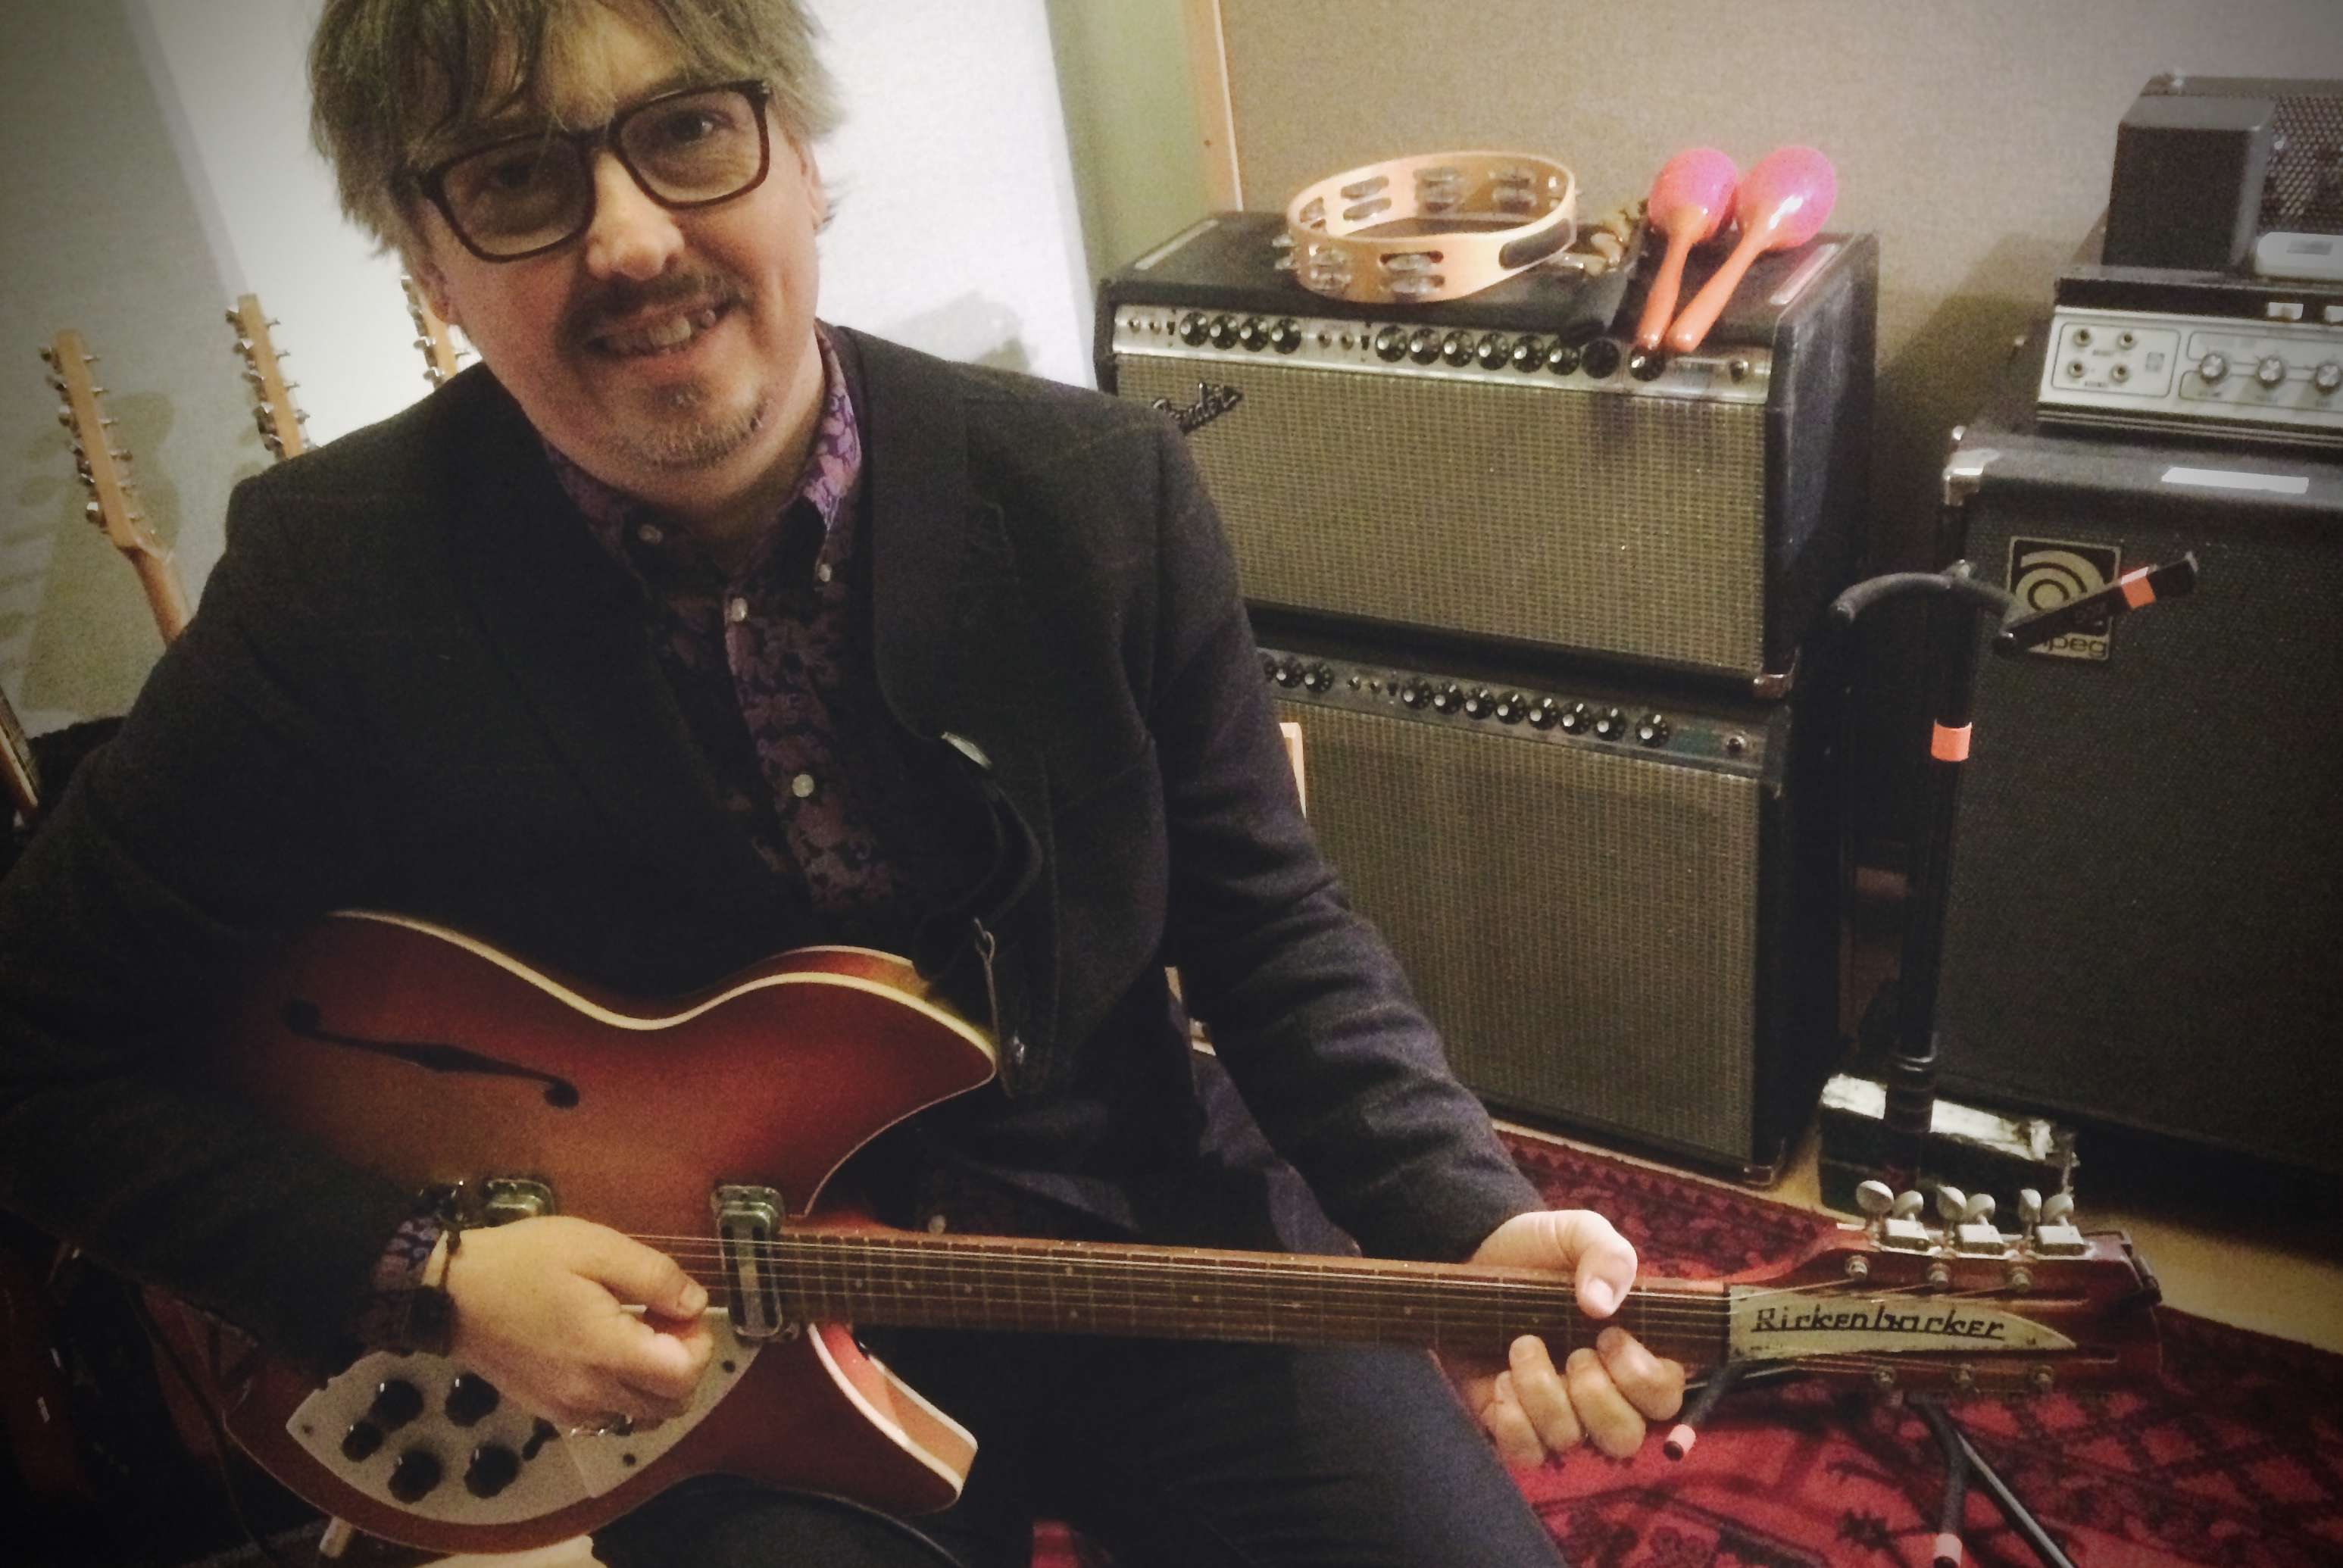 Famous guitar!